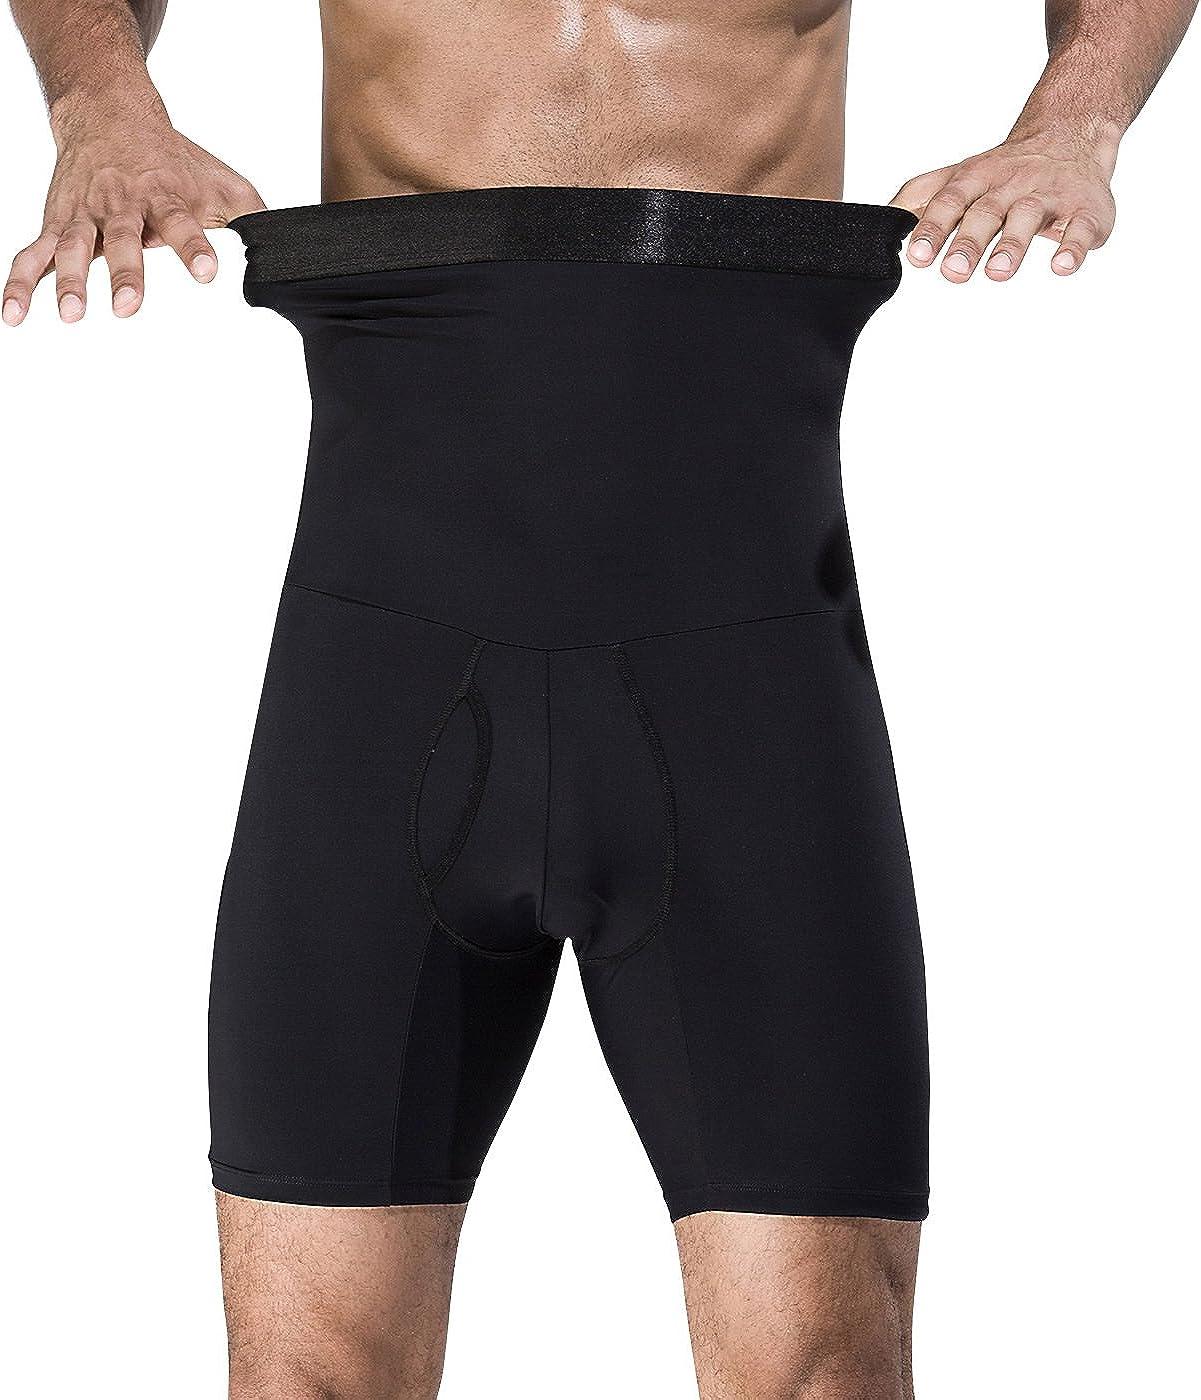 Panegy - Calzoncillos Bóxer con Faja Reductora para Hombre Ropa Interior Moldeador Pantalones Adelgazante Suave Transpirable Shapewear for Man